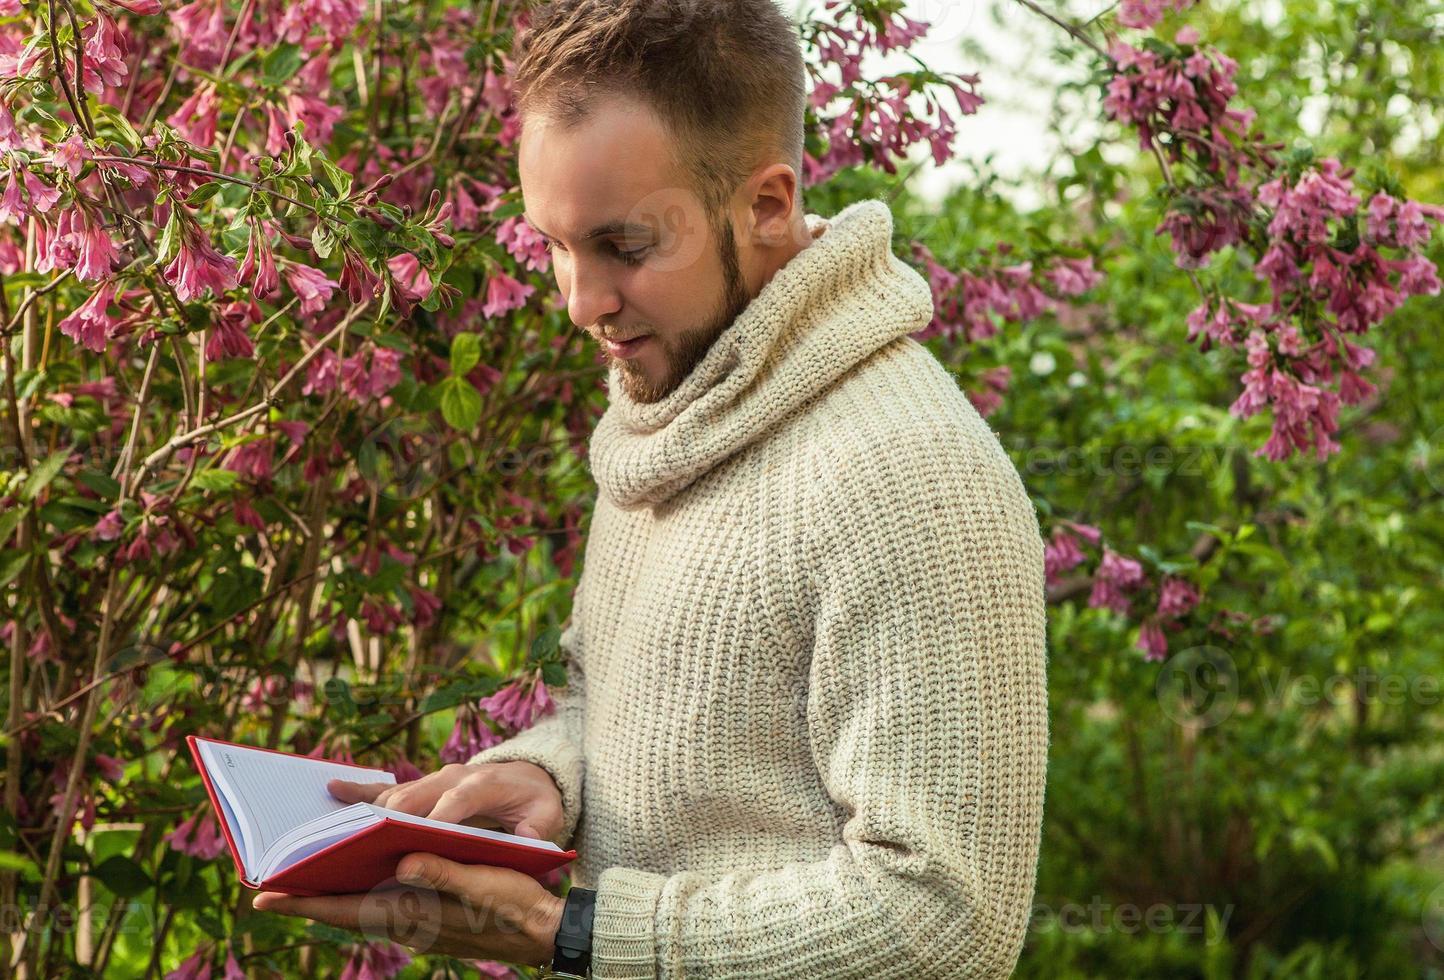 ung vänlig man med röd bok i en sommarträdgård. foto